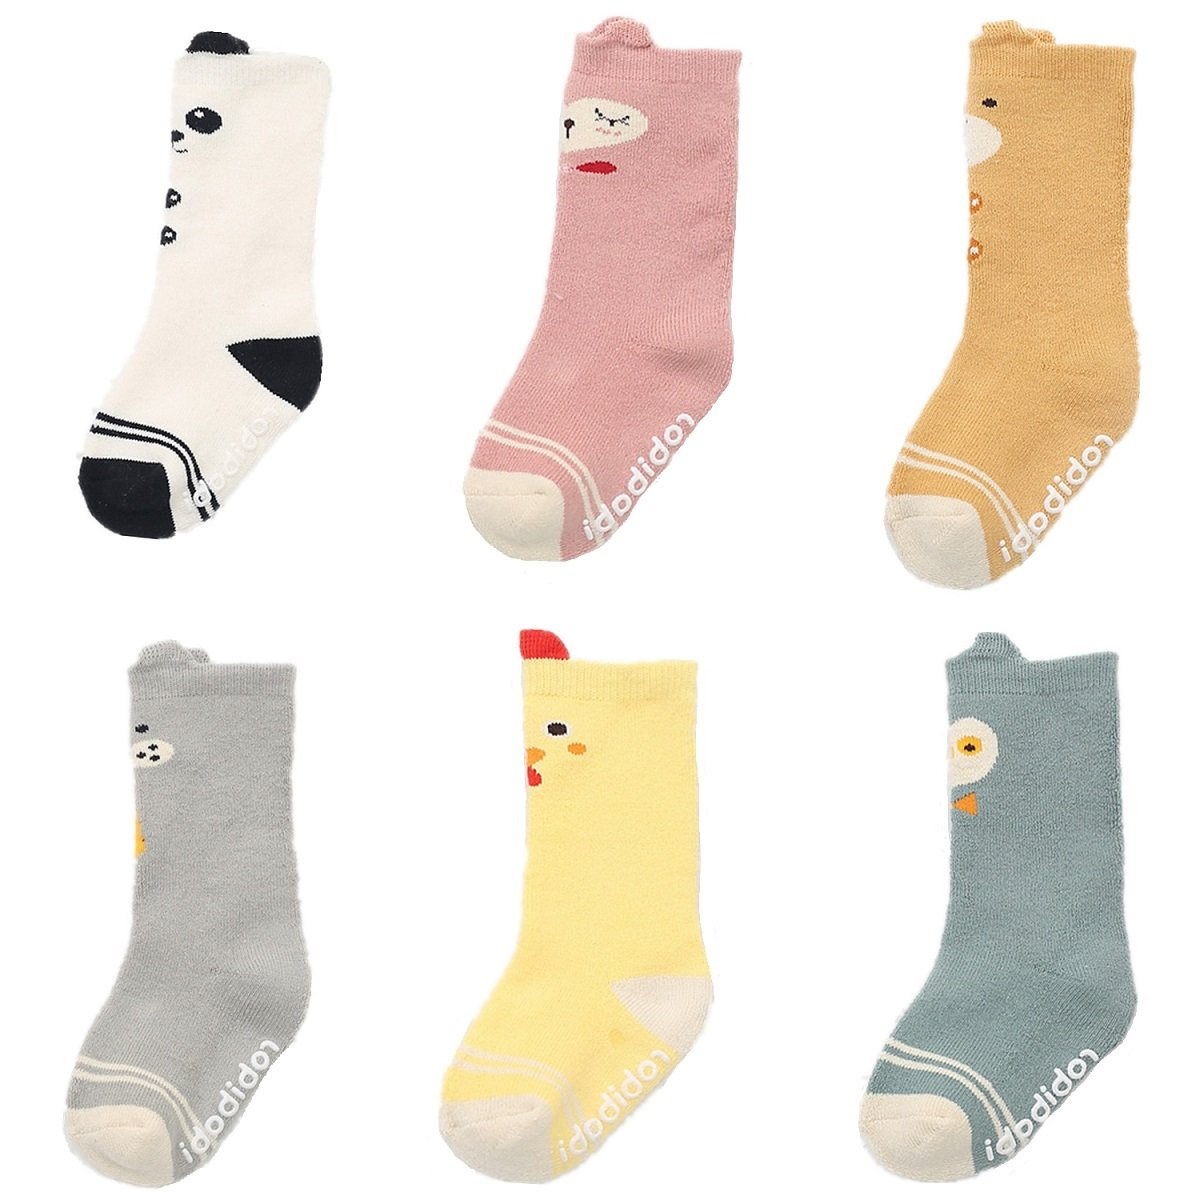 Baby Toddler Boys Girls Socks, Newborn Anti Slip 6 Pairs Thick Warm Cotton Stockings (0-2 Years)